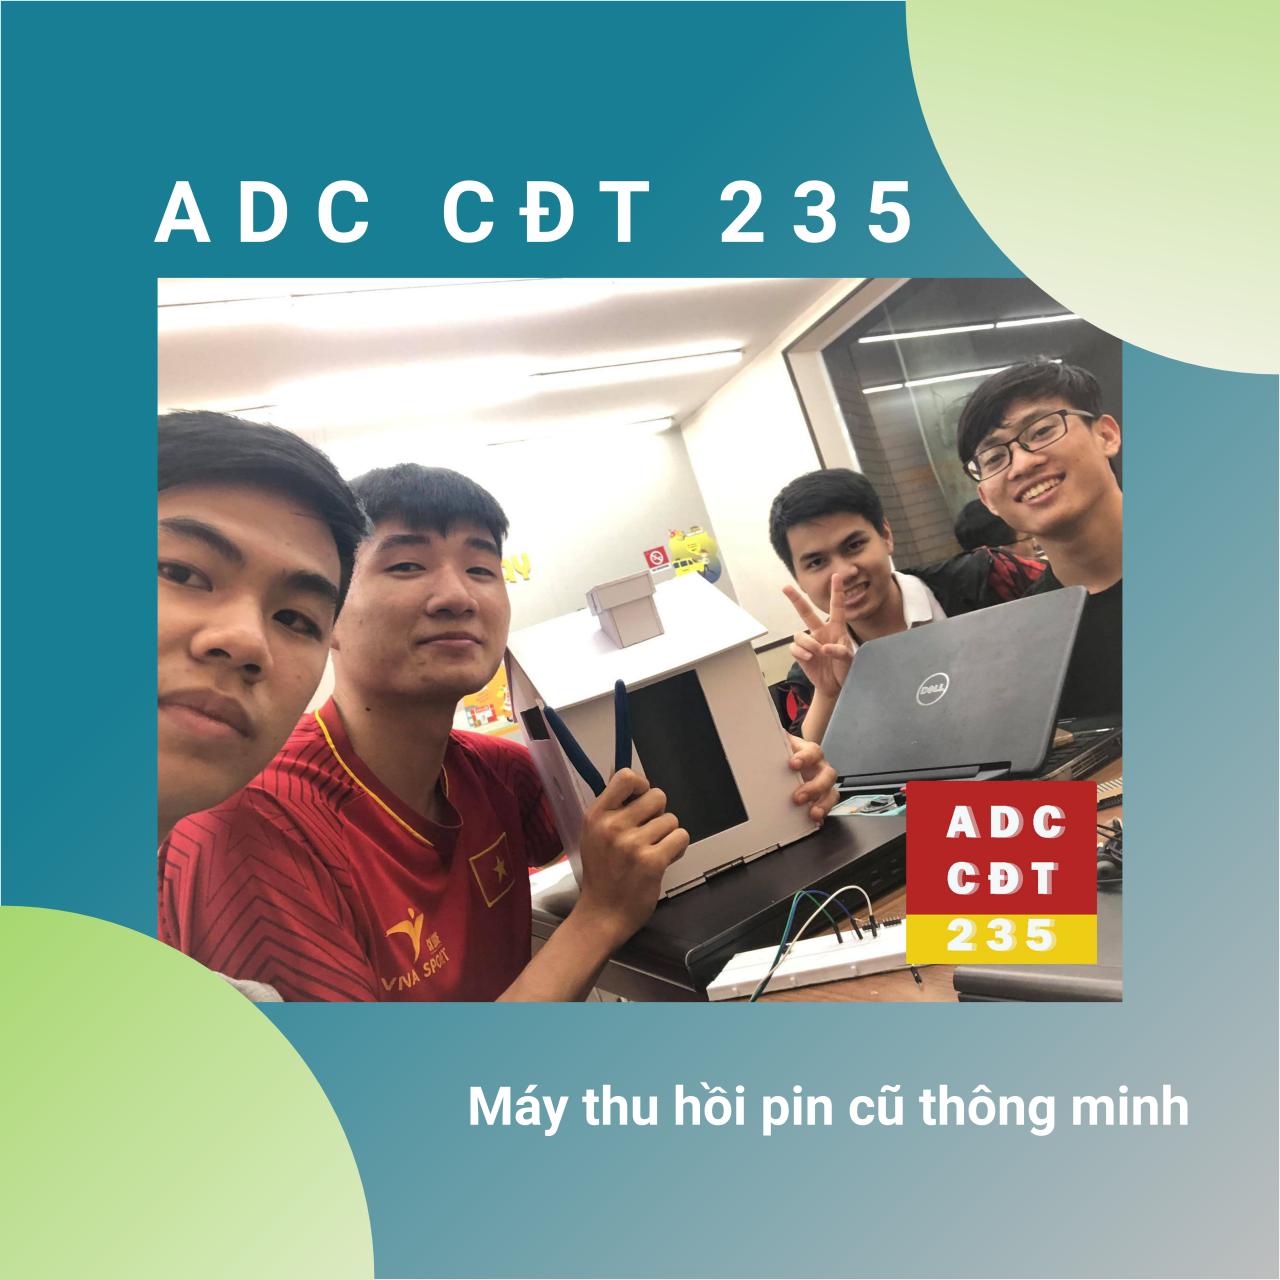 Nhóm ADC CĐT - Máy thu hồi pin cũ thông minh